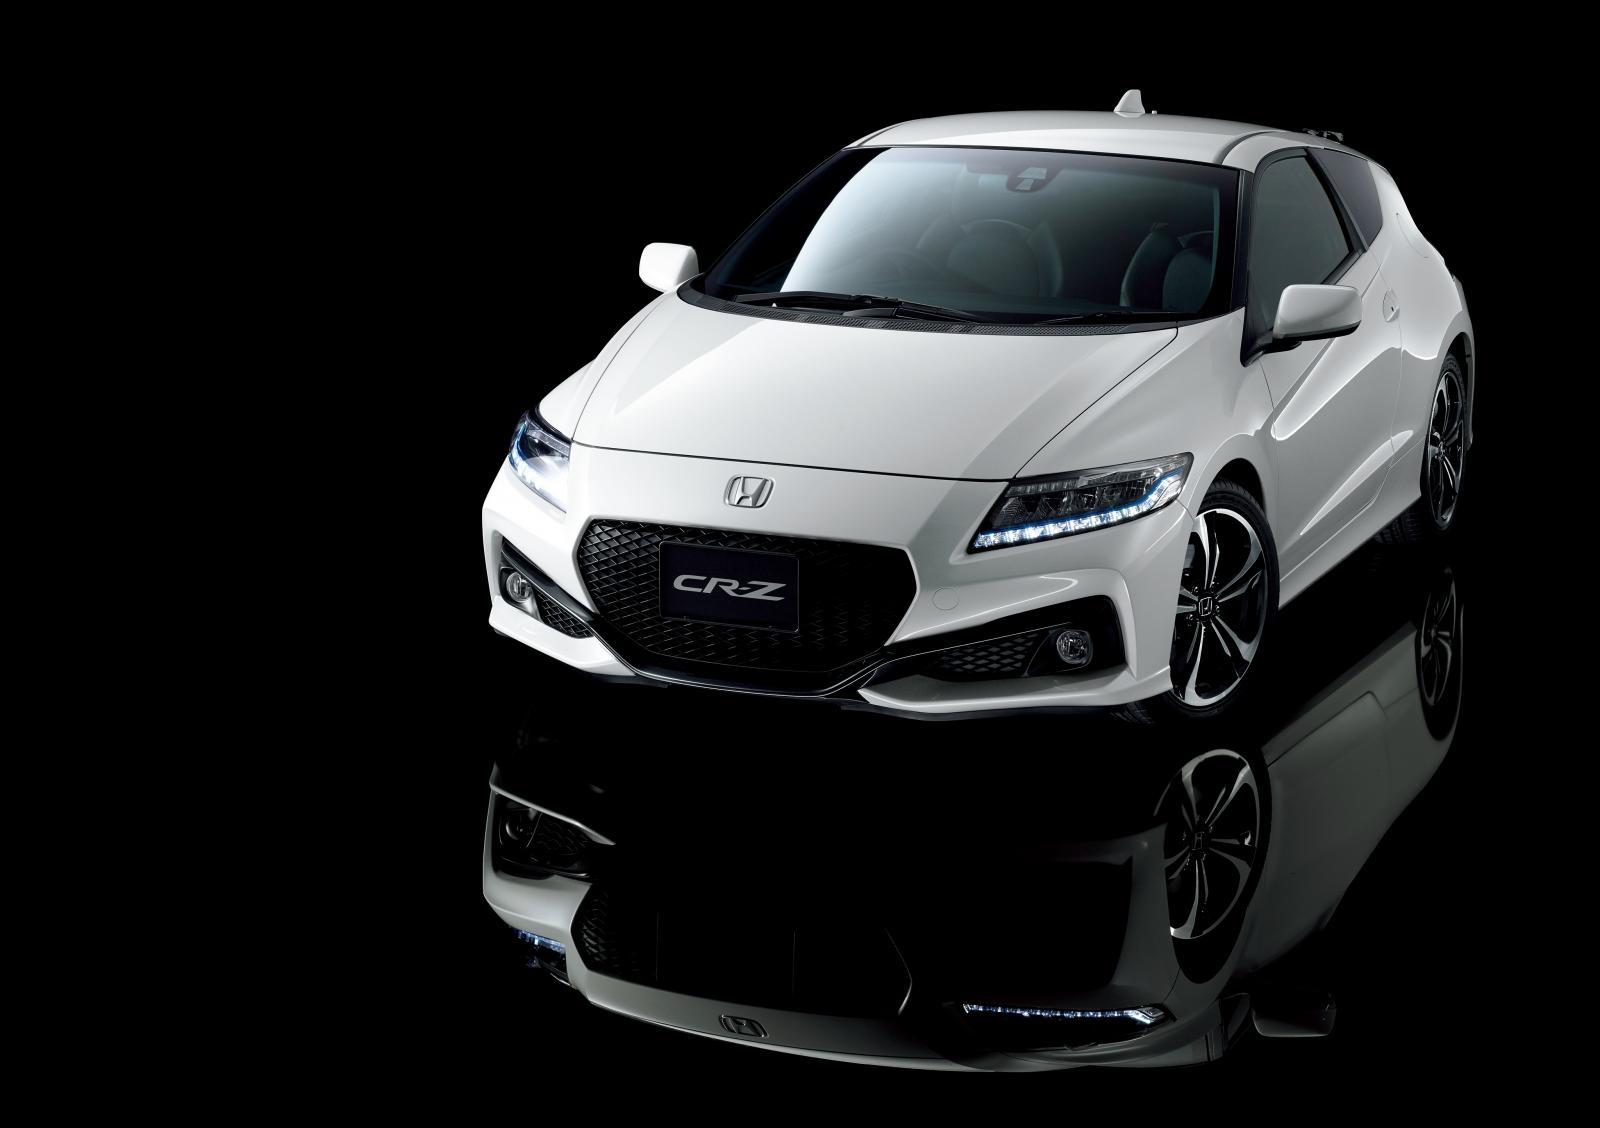 Honda-CR-Z-facelift-2016-3